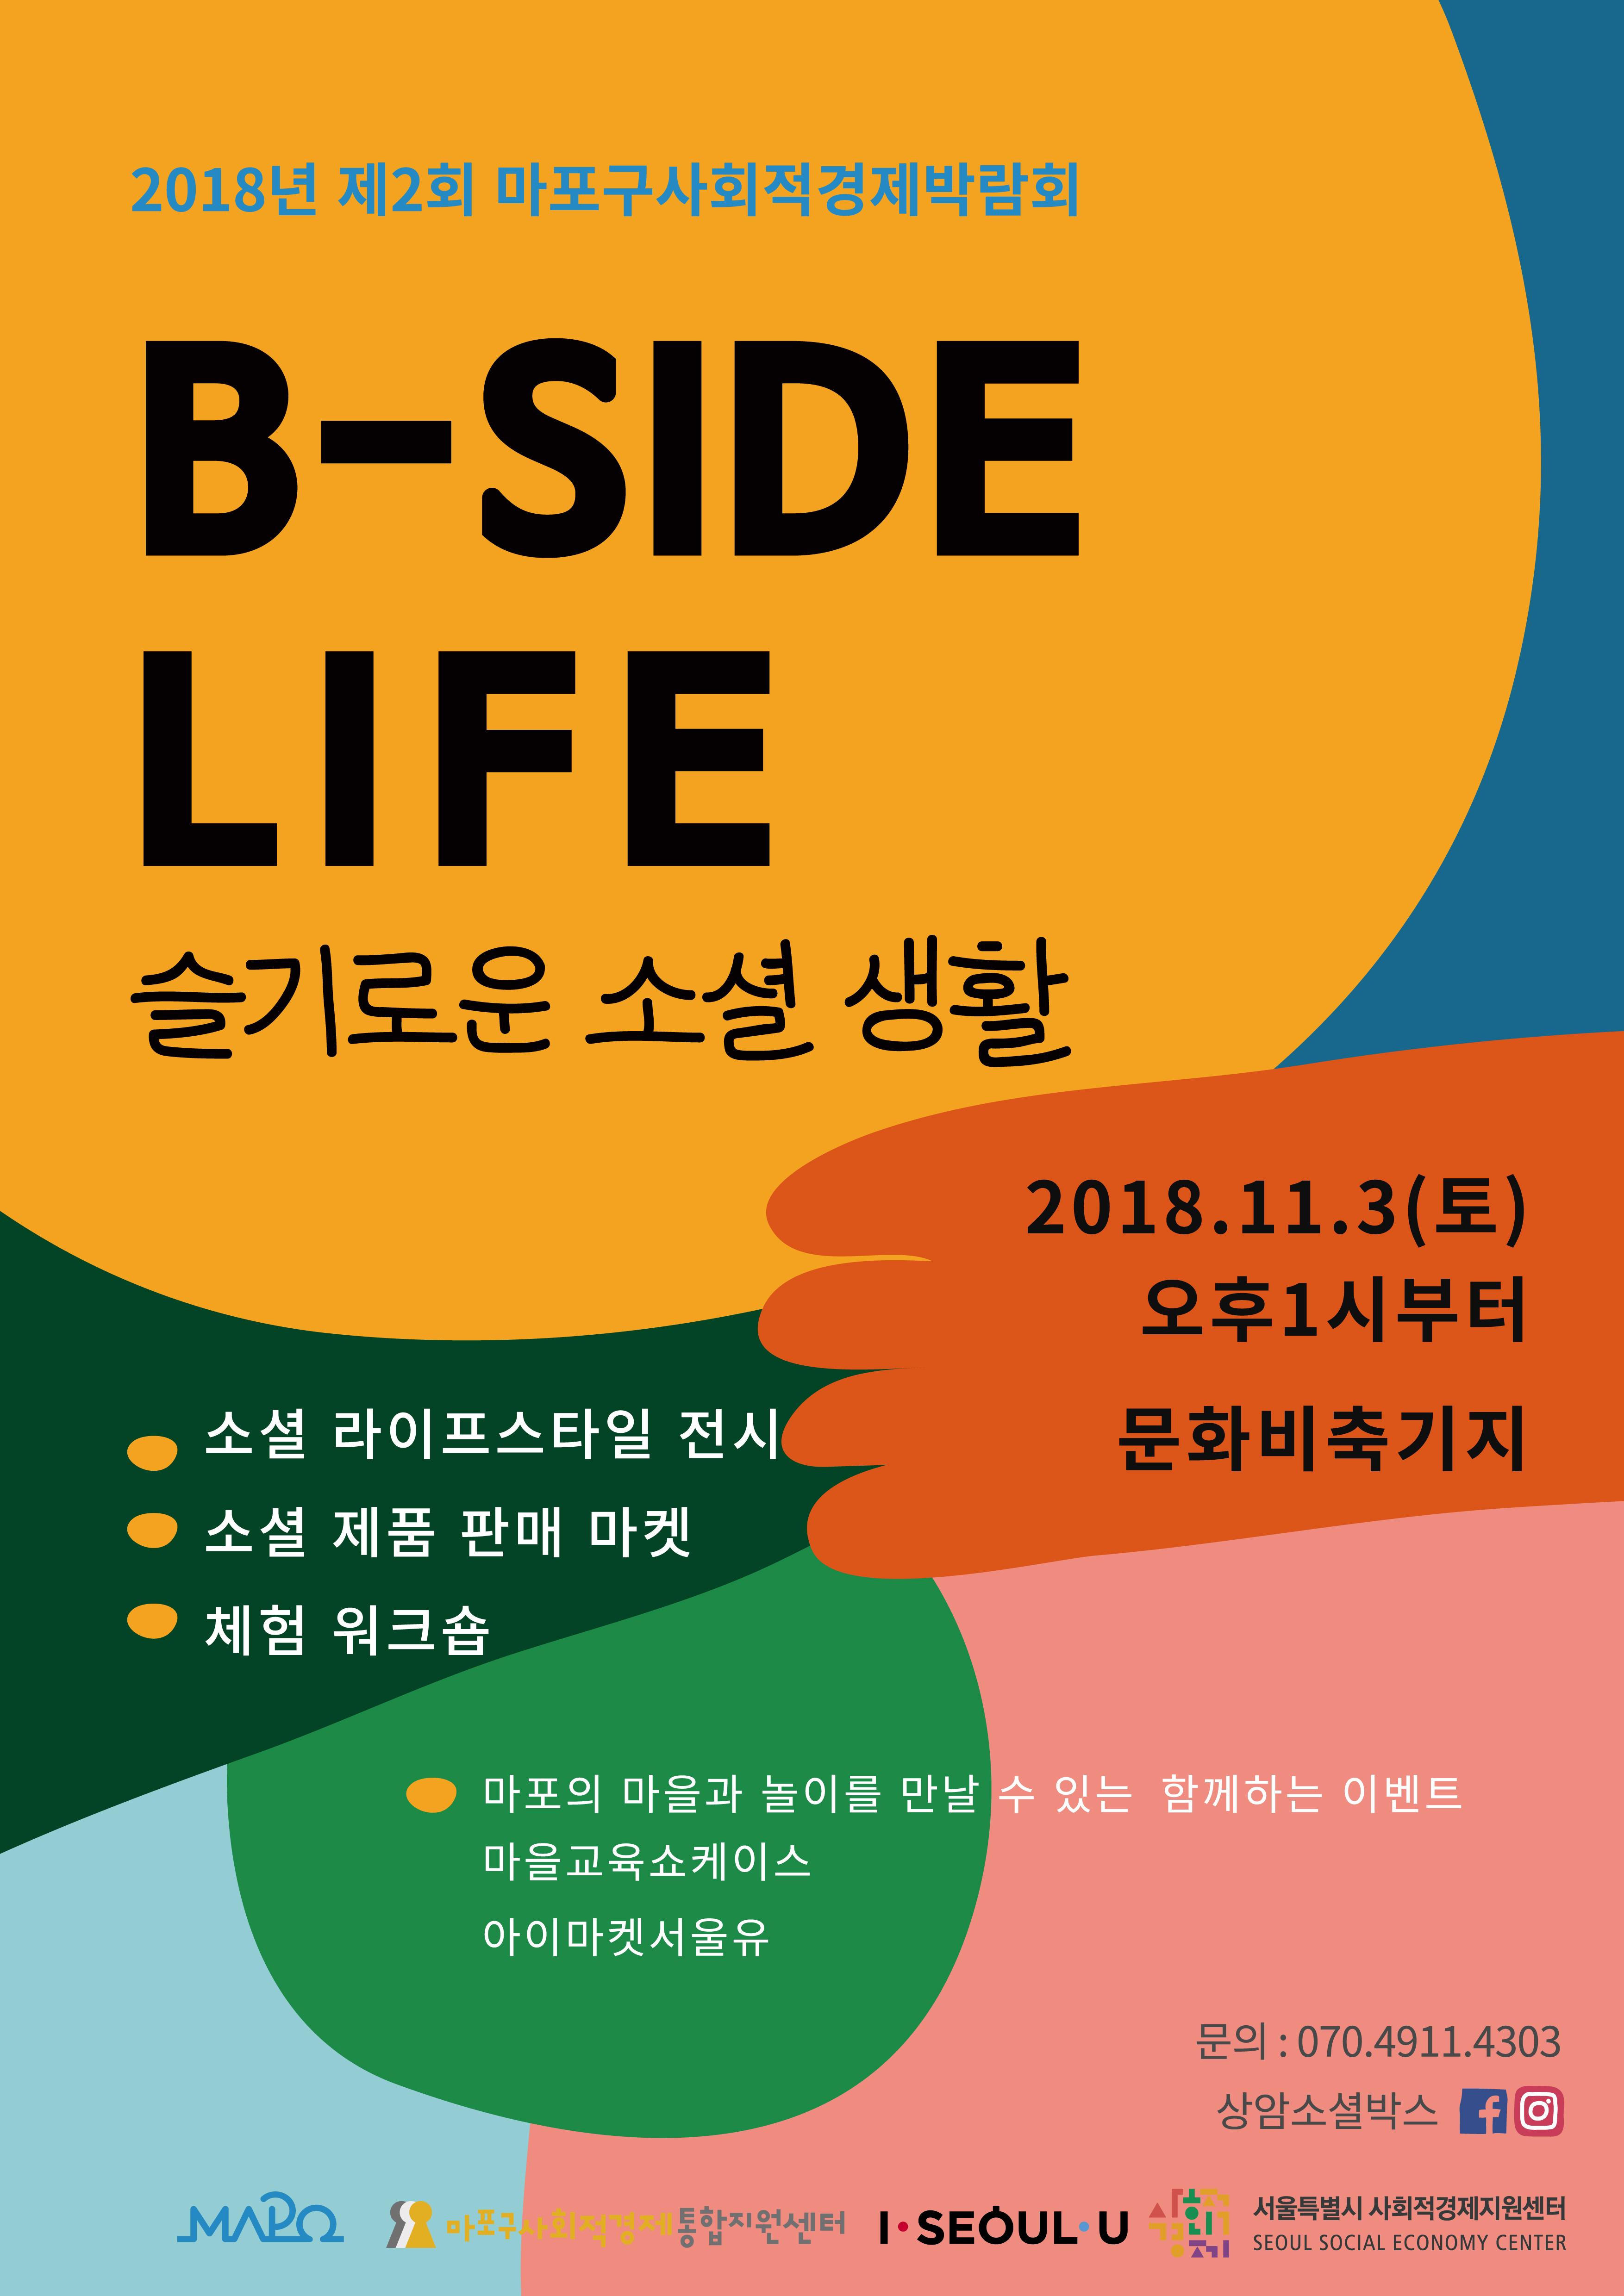 2018년 제2회 마포구사회적경제박람회.jpg